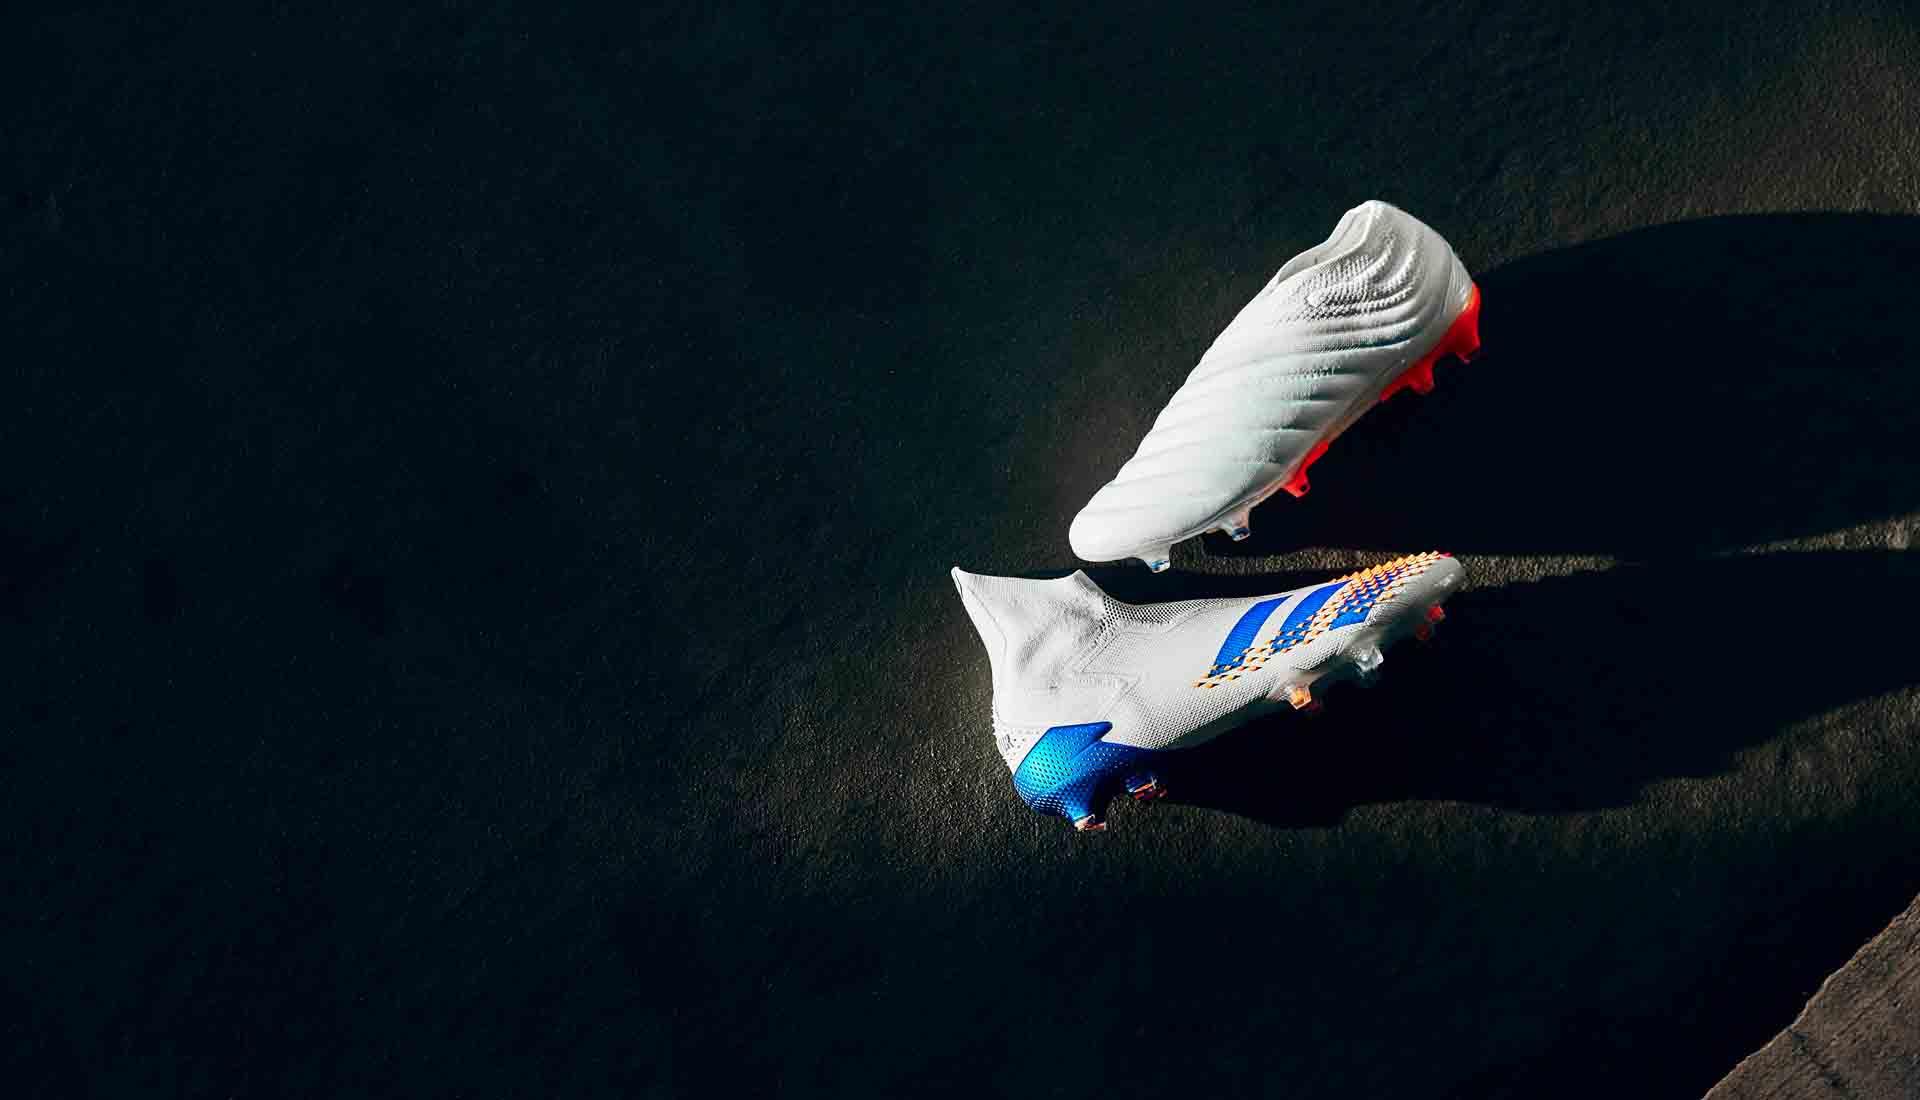 Vẻ đẹp của bộ sưu tập Adidas Glory Hunter pack